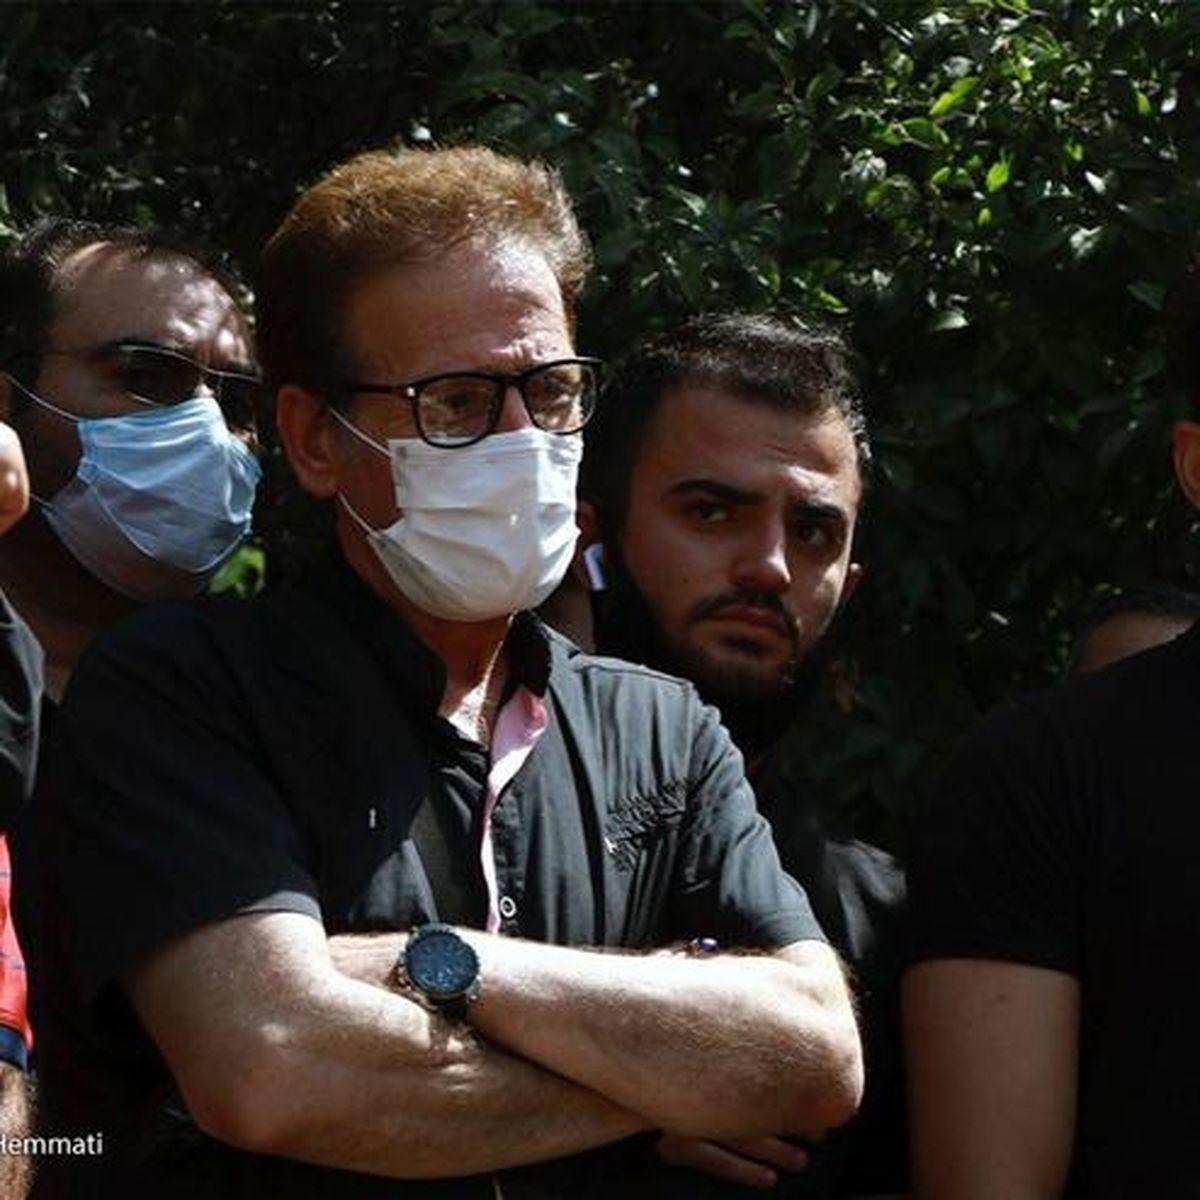 لاغری عجیب بازیگر معروف  در مراسم تشییع سیروس گرجستانی +عکس